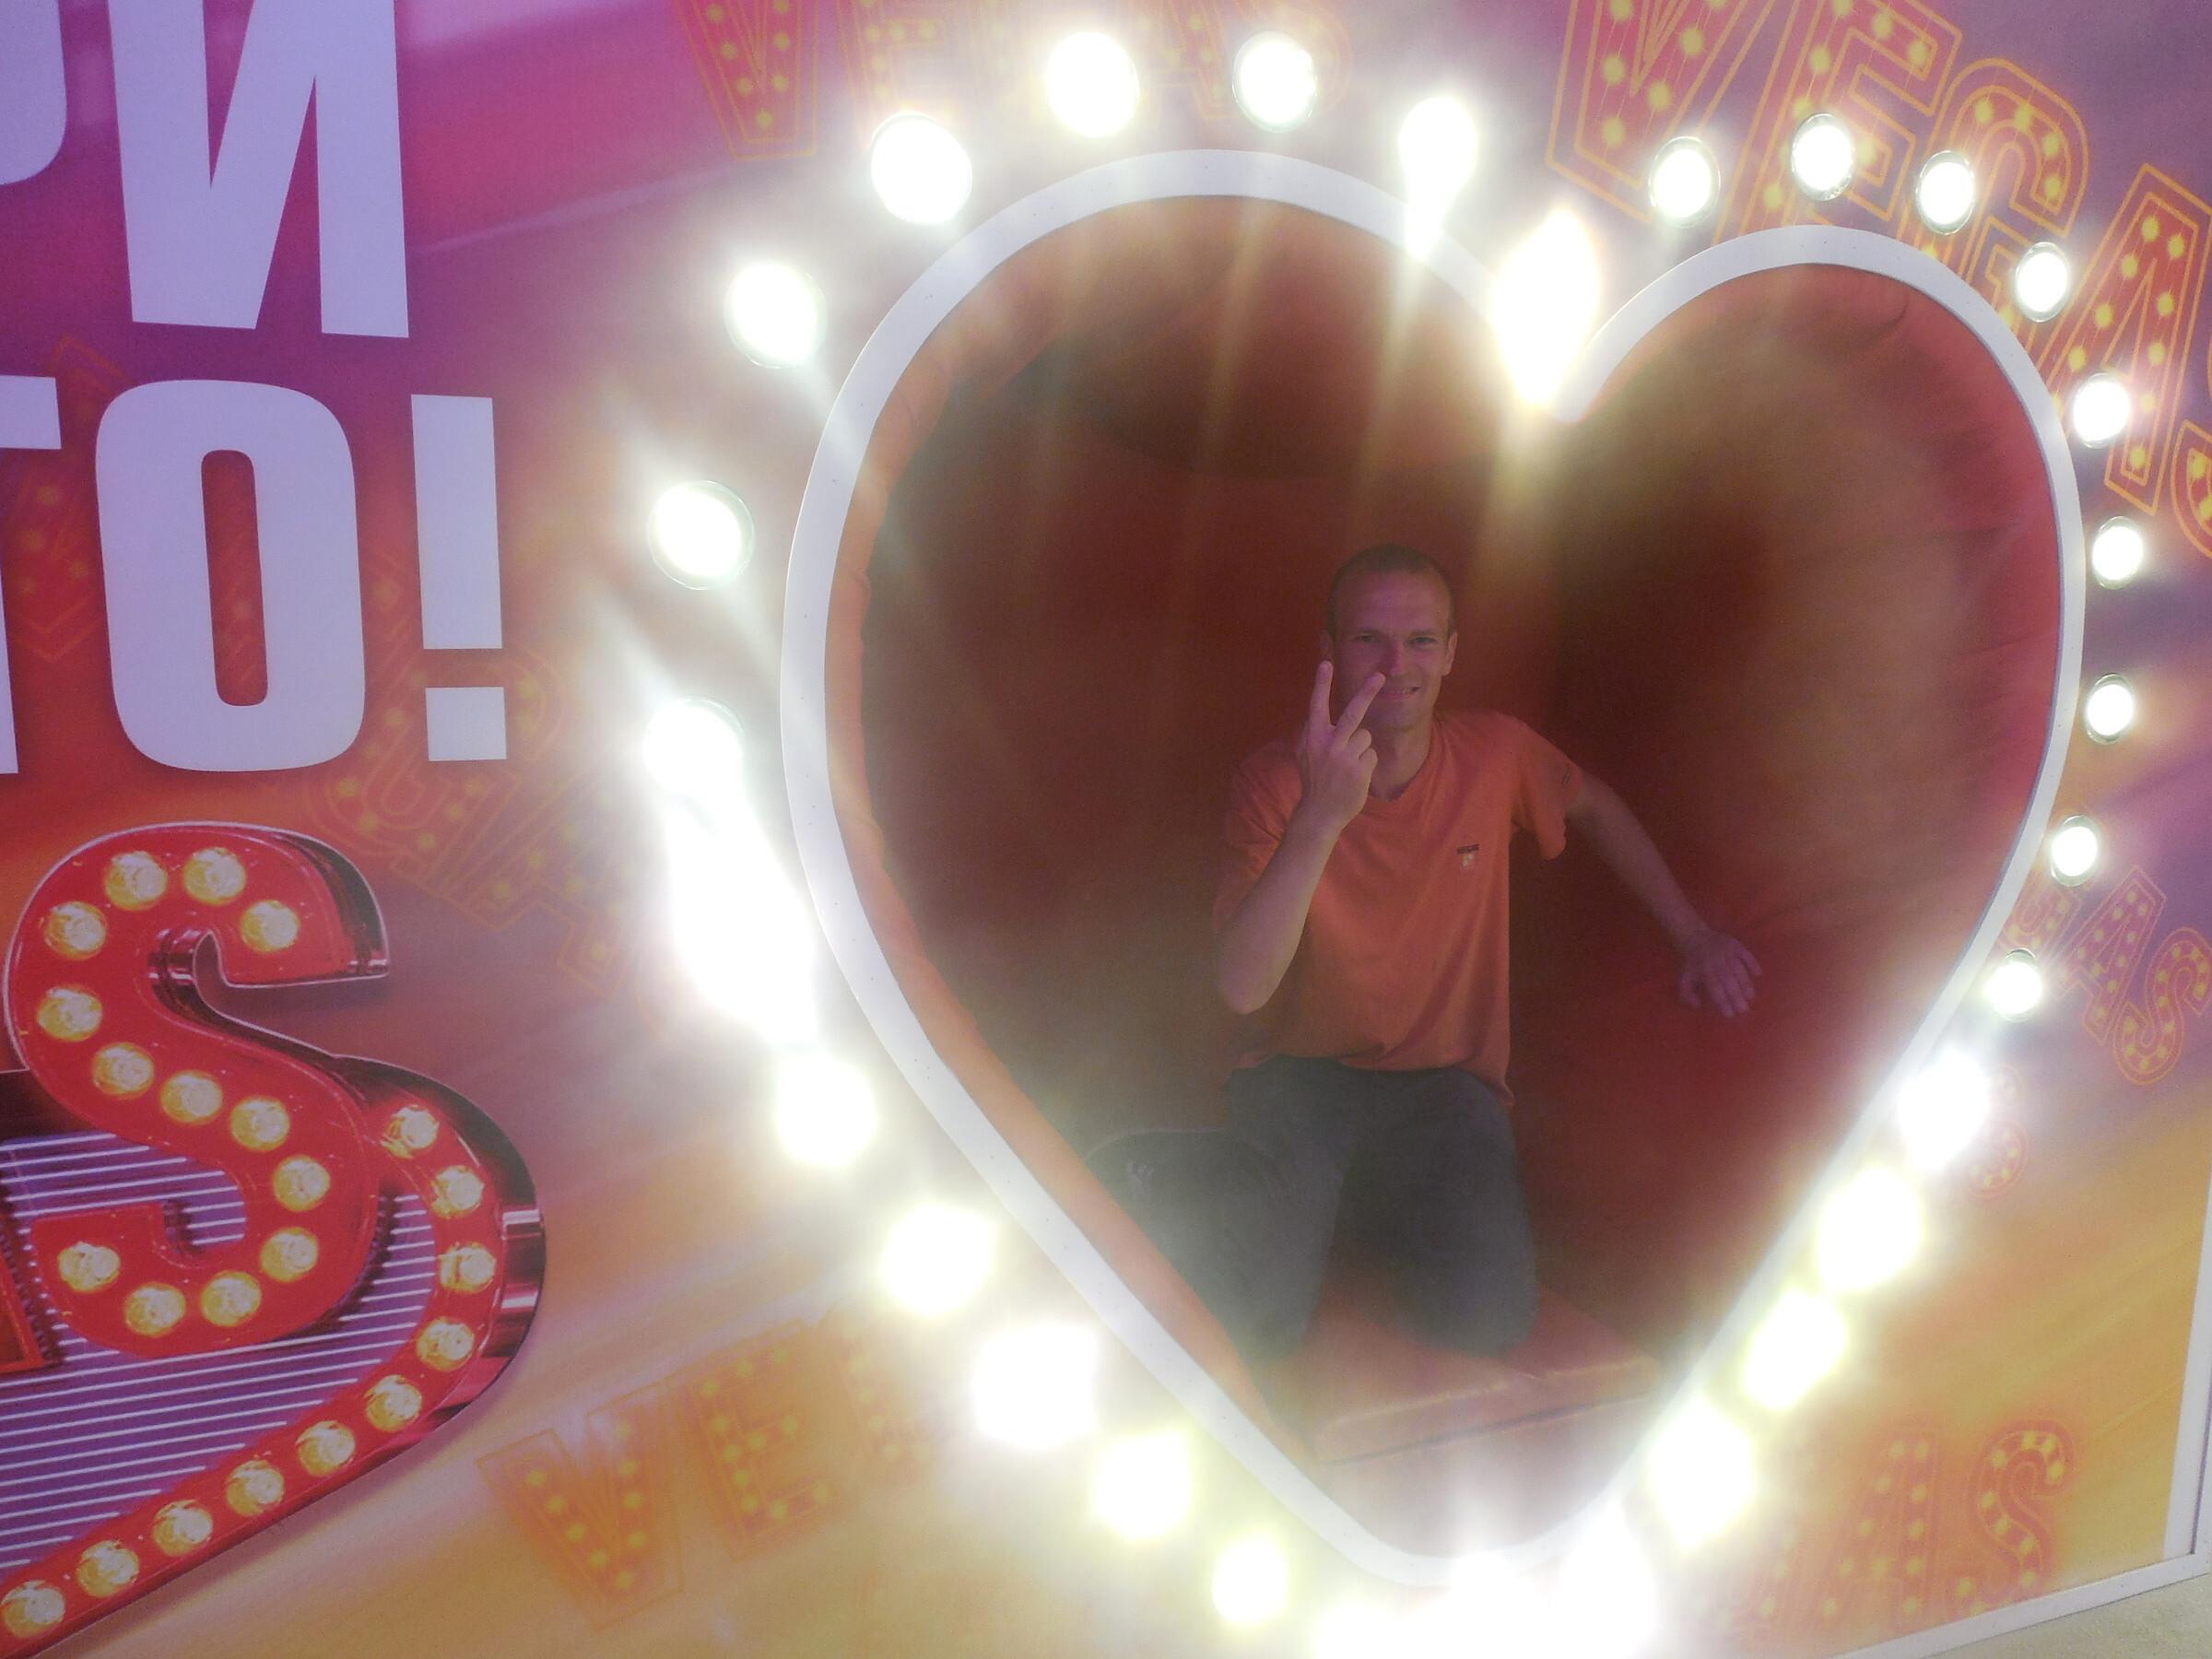 Торгово-развлекательный центр «Вегас» внутри: рамка для фотографии «Vegas с любовью», Москва - ТРЦ «Вегас»